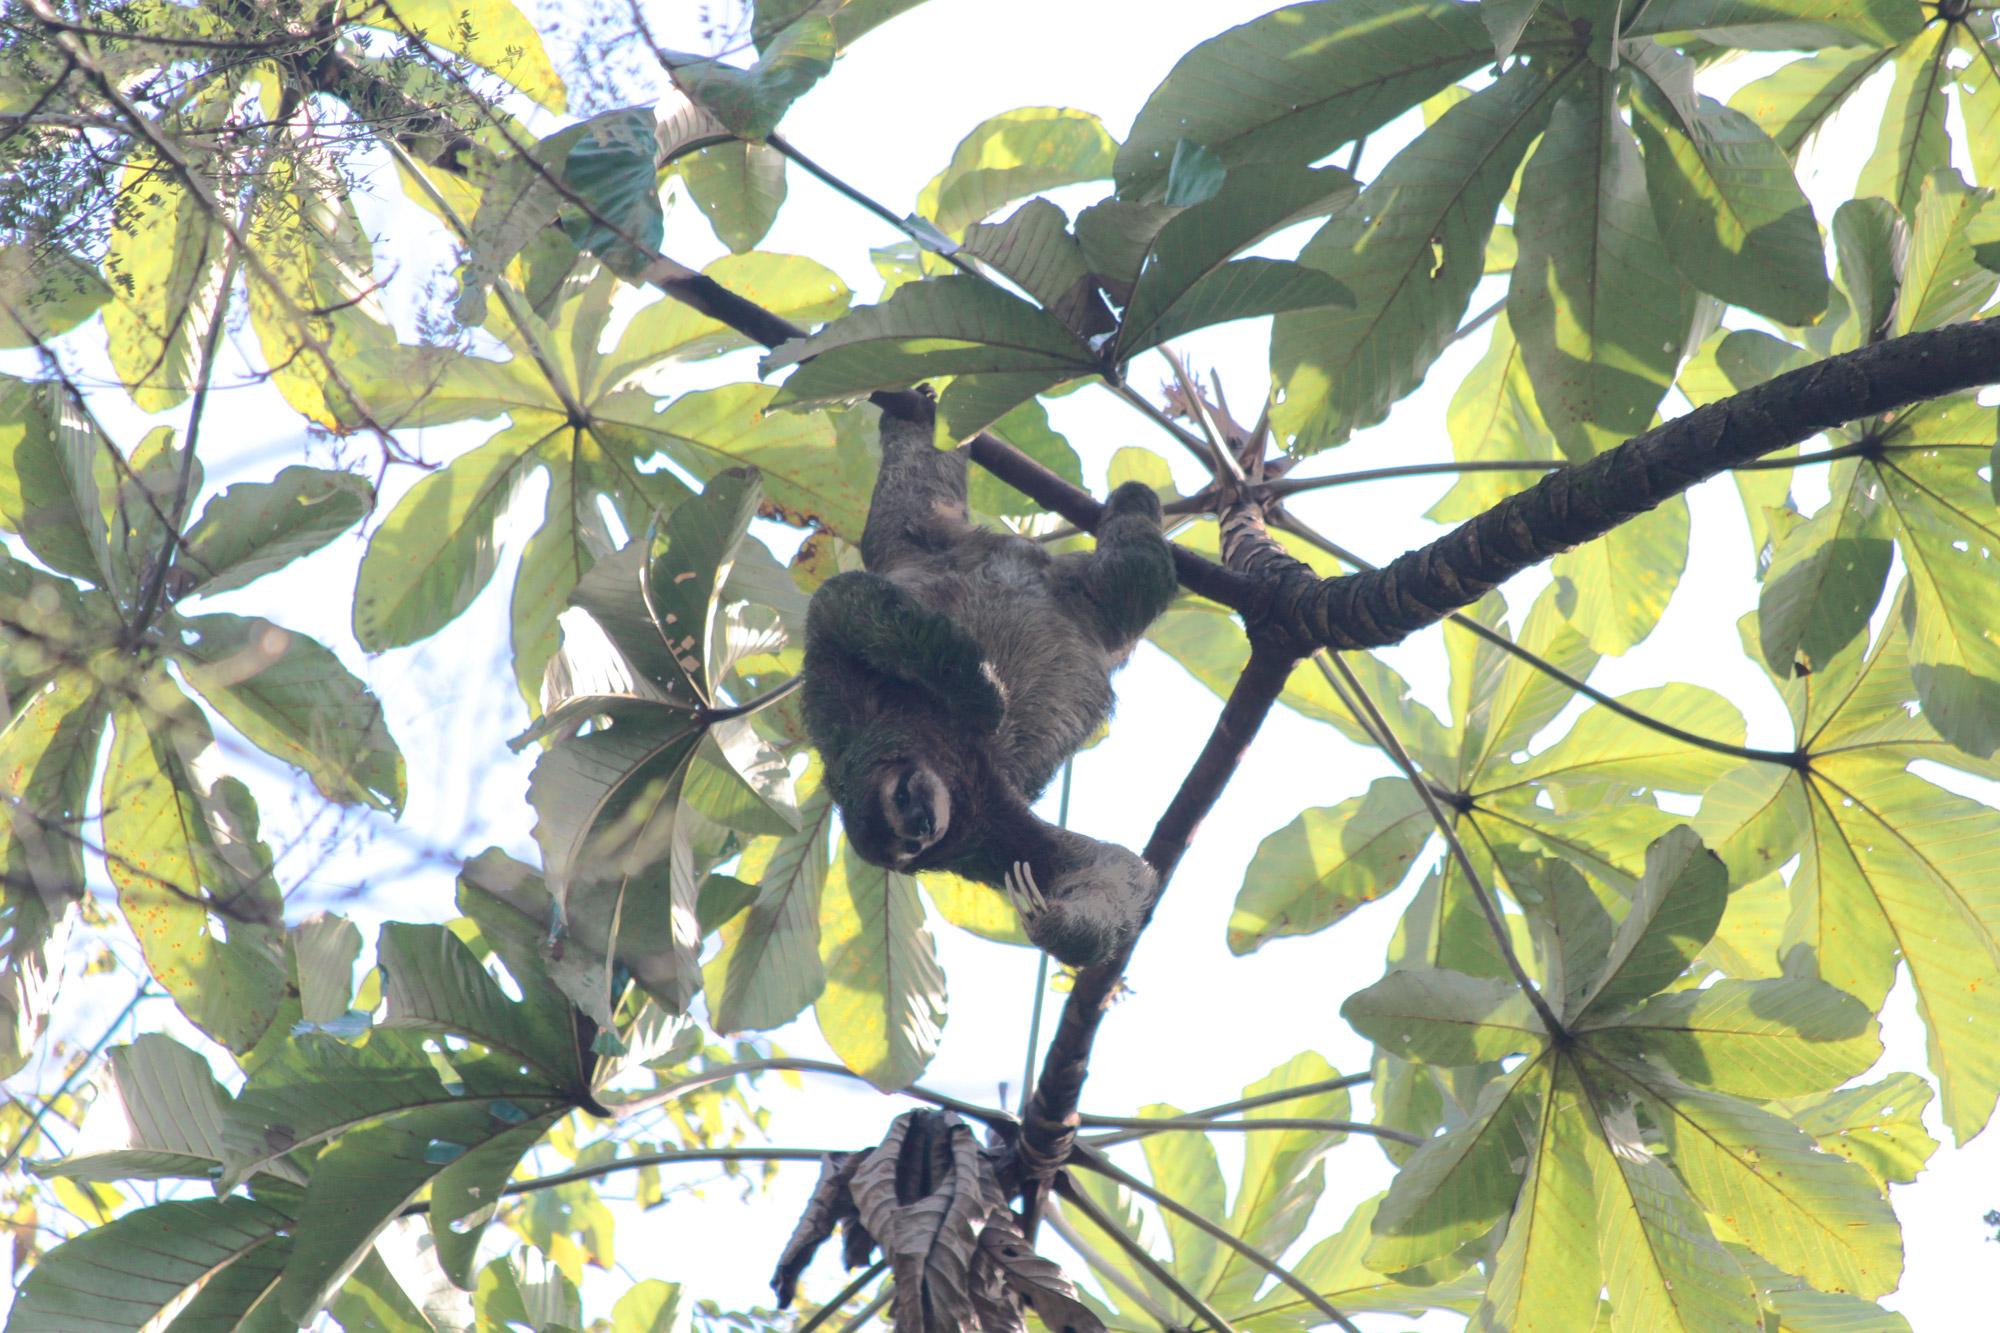 5 reden om naar Costa Rica te reizen - Dieren spotten: luiaard